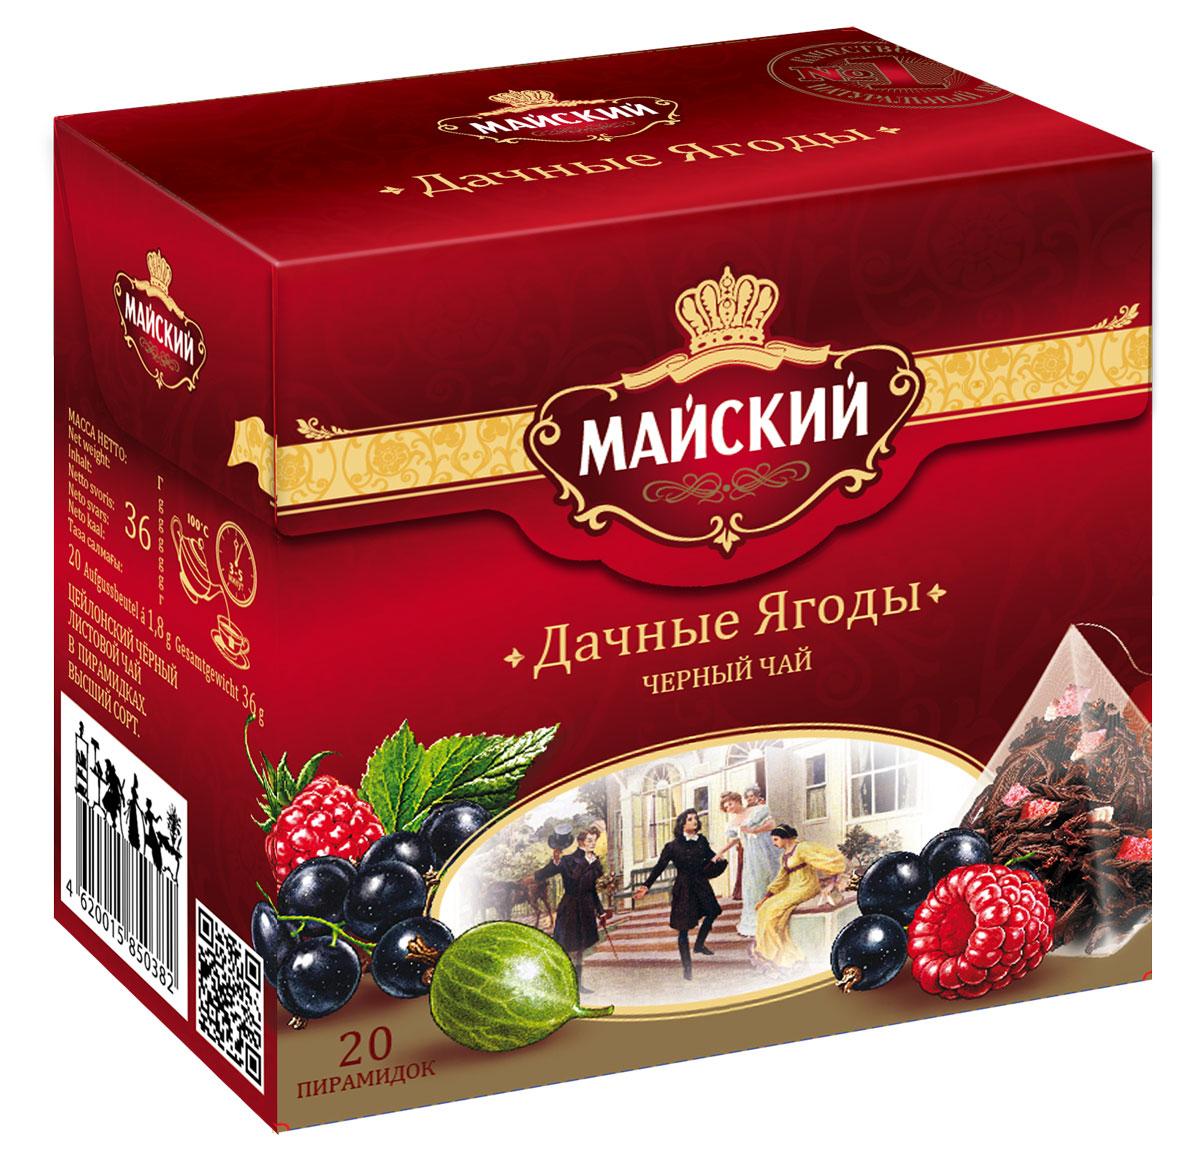 цены Майский Дачные ягоды черный чай в пирамидках, 20 шт